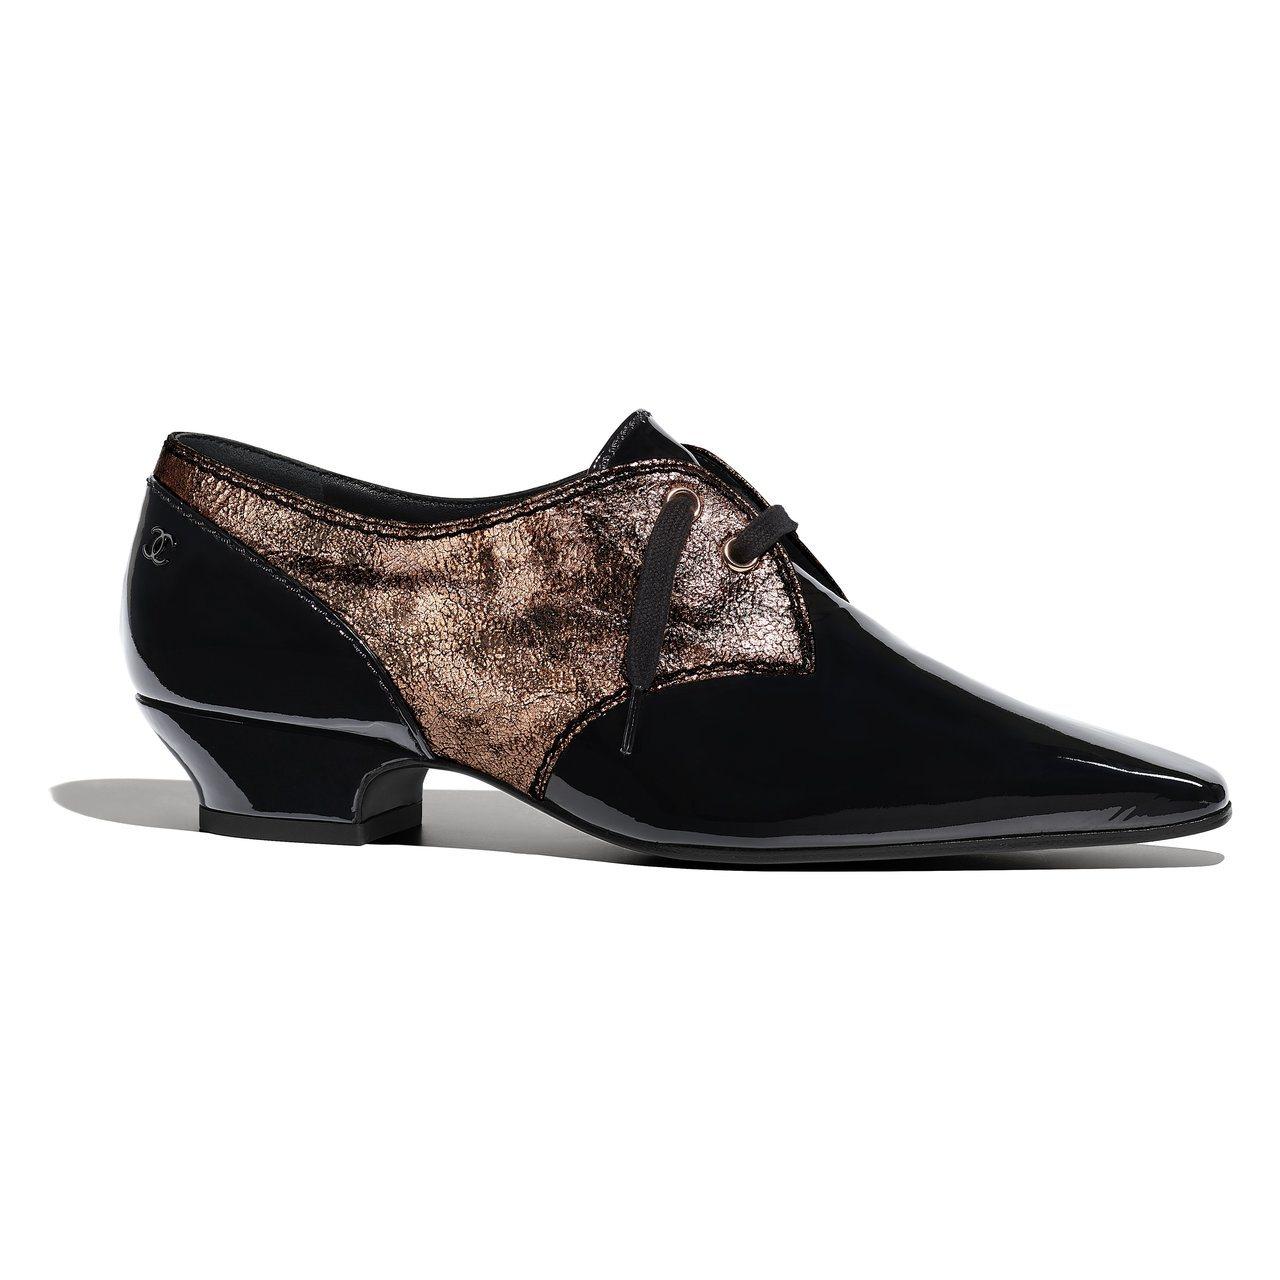 古銅色樹皮印花拼接黑色亮面皮革系帶鞋,29,000元。圖/香奈兒提供